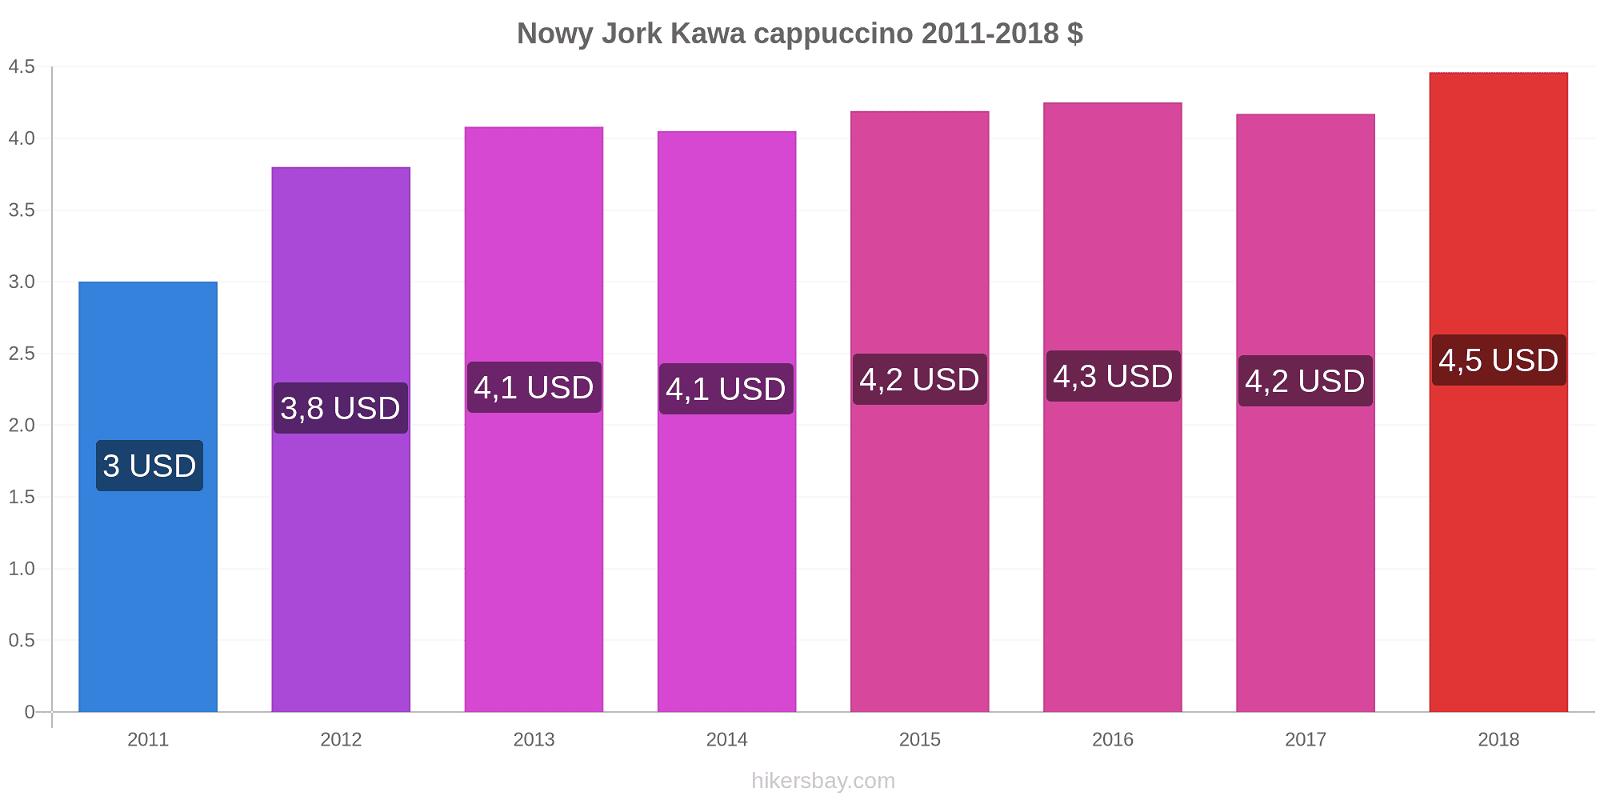 Nowy Jork zmiany cen Kawa cappuccino hikersbay.com